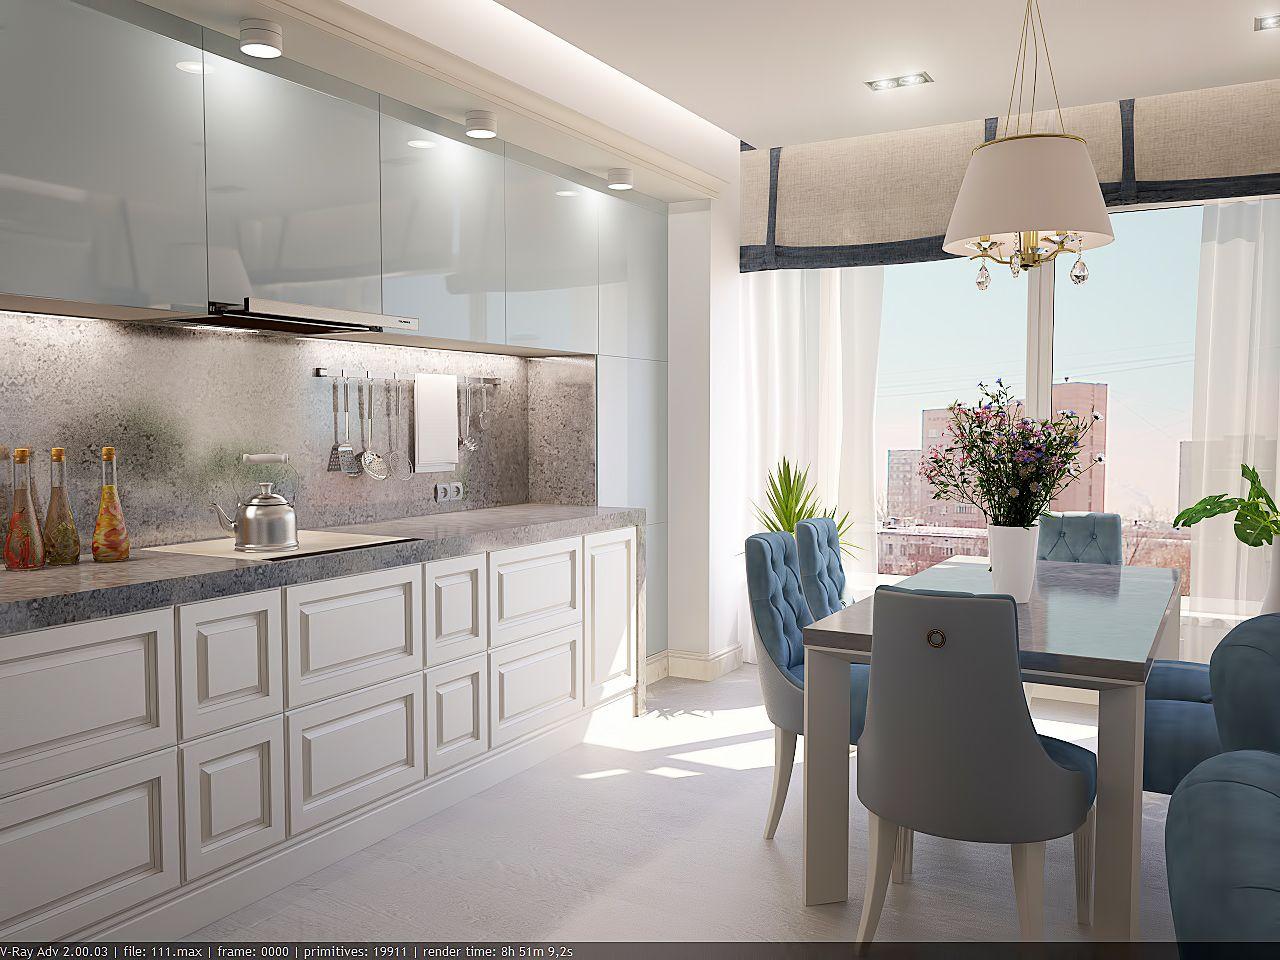 Дизайн кухни в квартире Киев Закревского, легкая класика, прованс